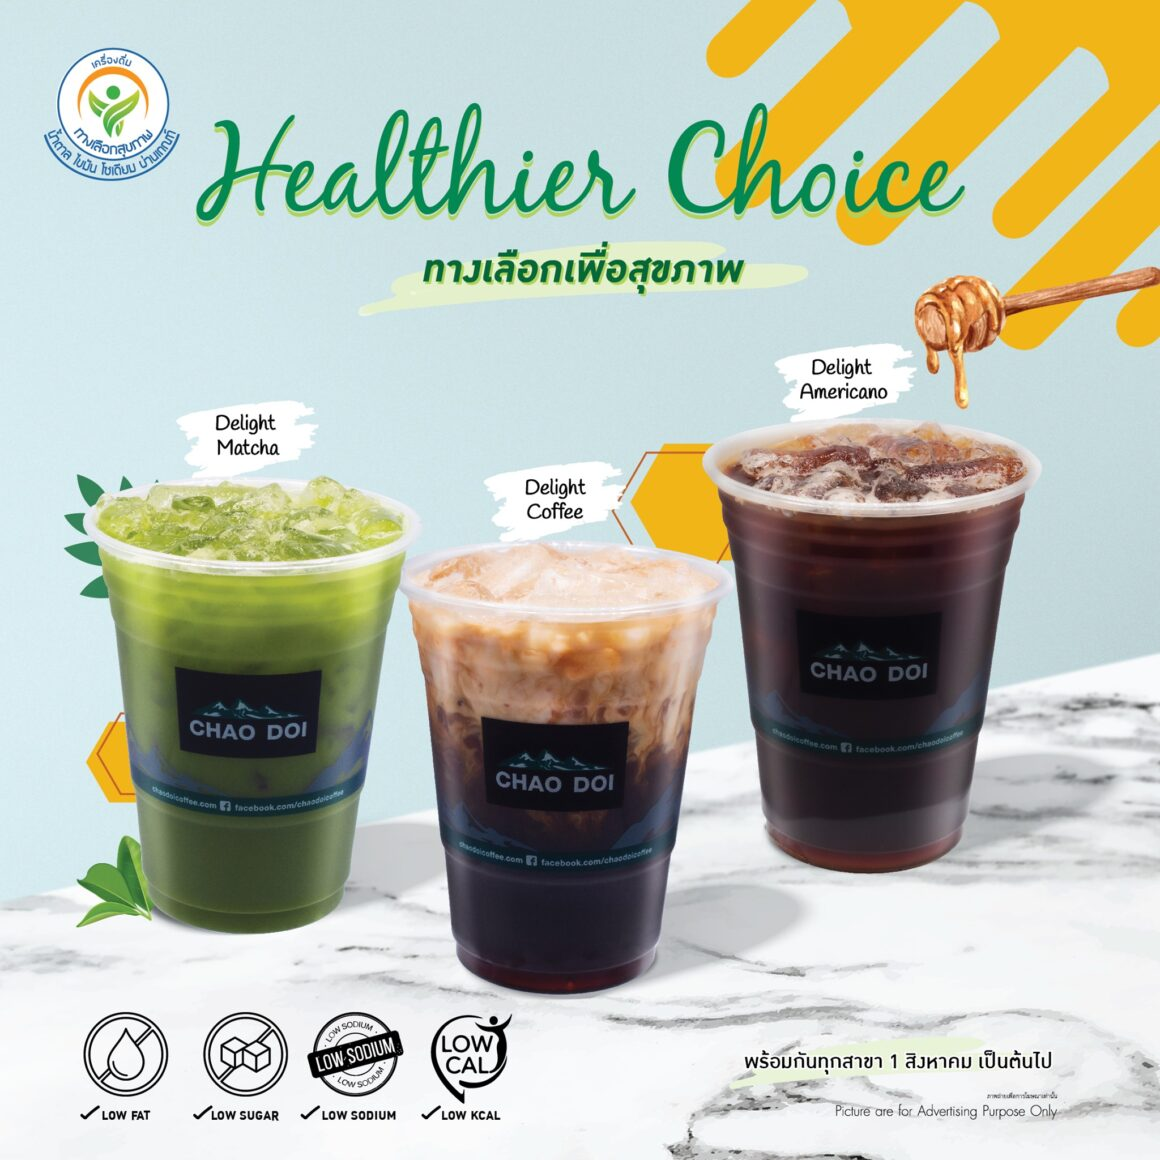 """สุขภาพดีไปกับเมนู """"Healthier Choice"""" เมนูทางเลือกเพื่อสุขภาพ"""